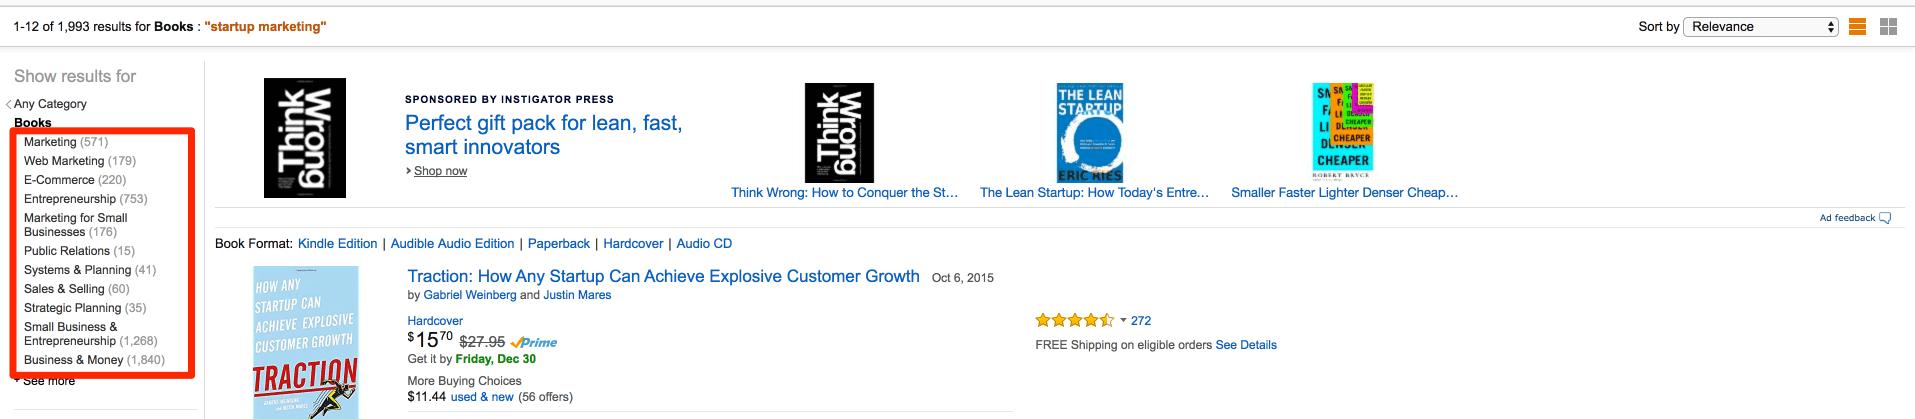 Amazon subcategories